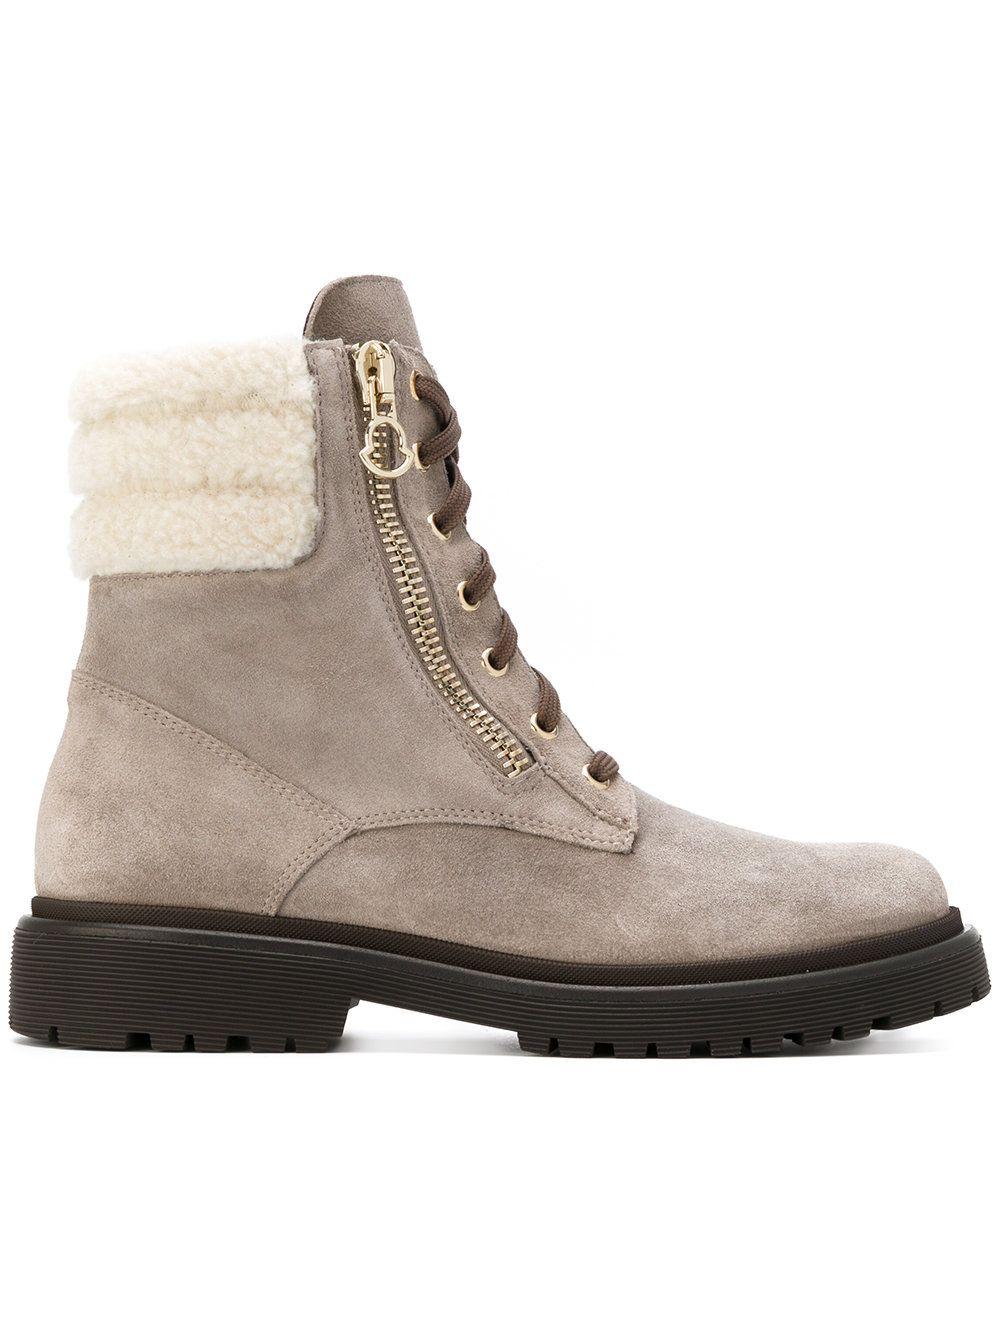 89a88a3eb85 Moncler botas Patty